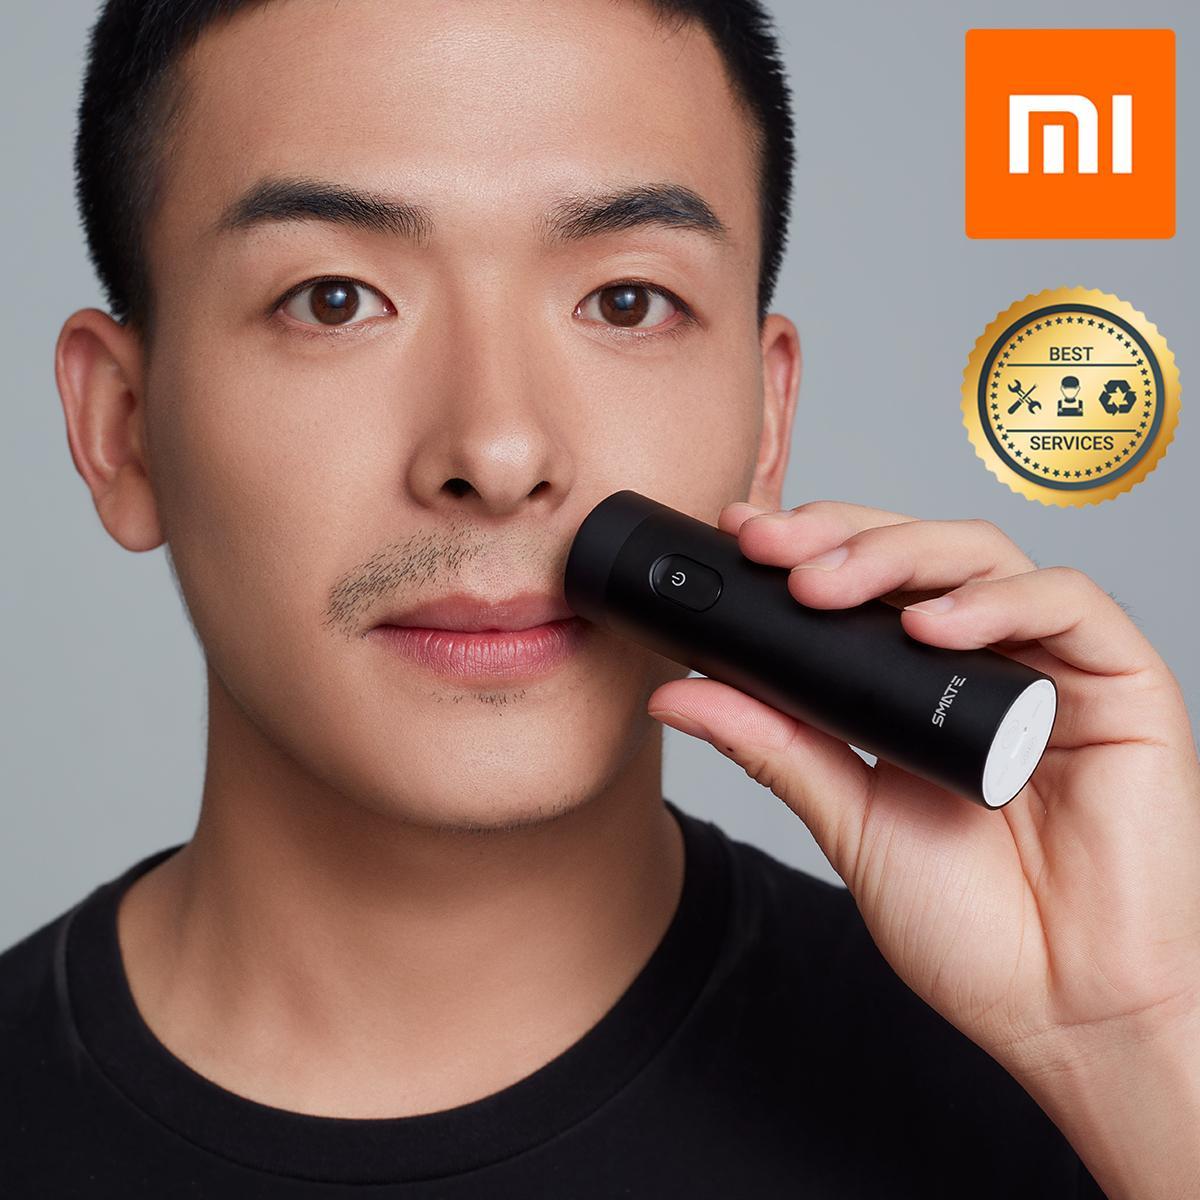 Máy Cạo Râu Smate Dao Ba Lá Tự Động Thông Minh Xiaomi Shavers Đen nhập khẩu